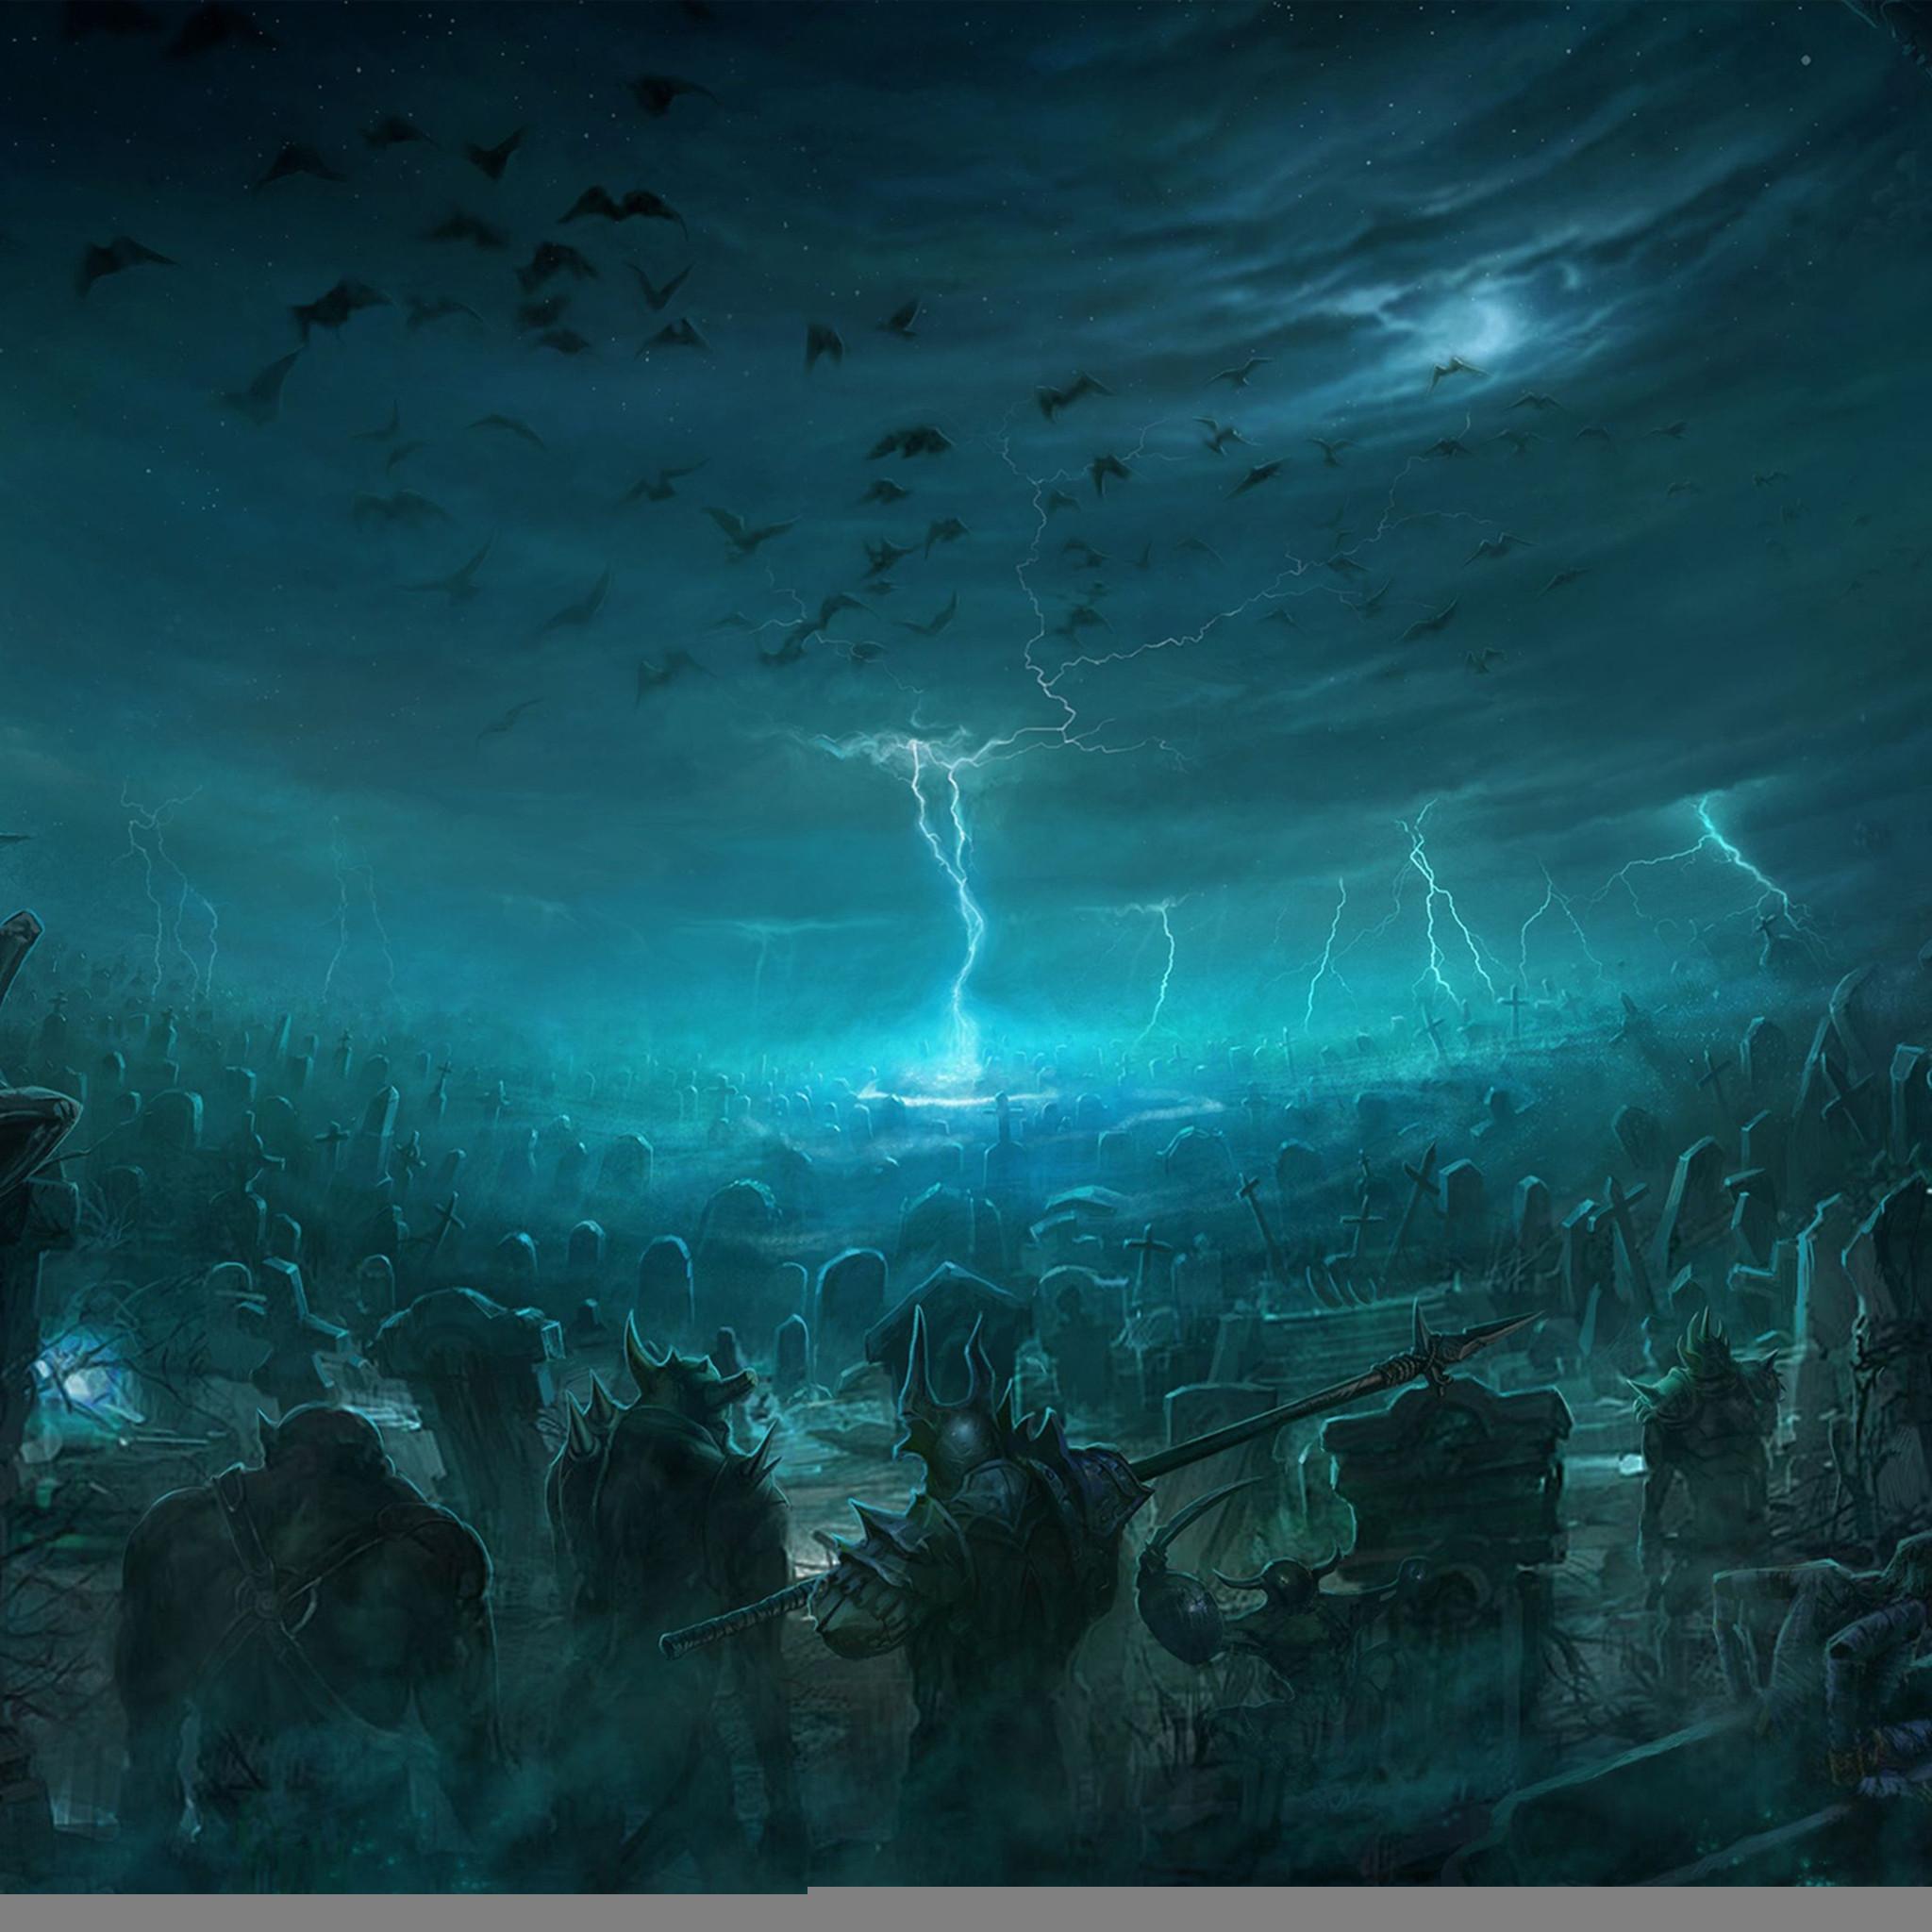 4442 2: Battle of the Immortals iPad wallpaper